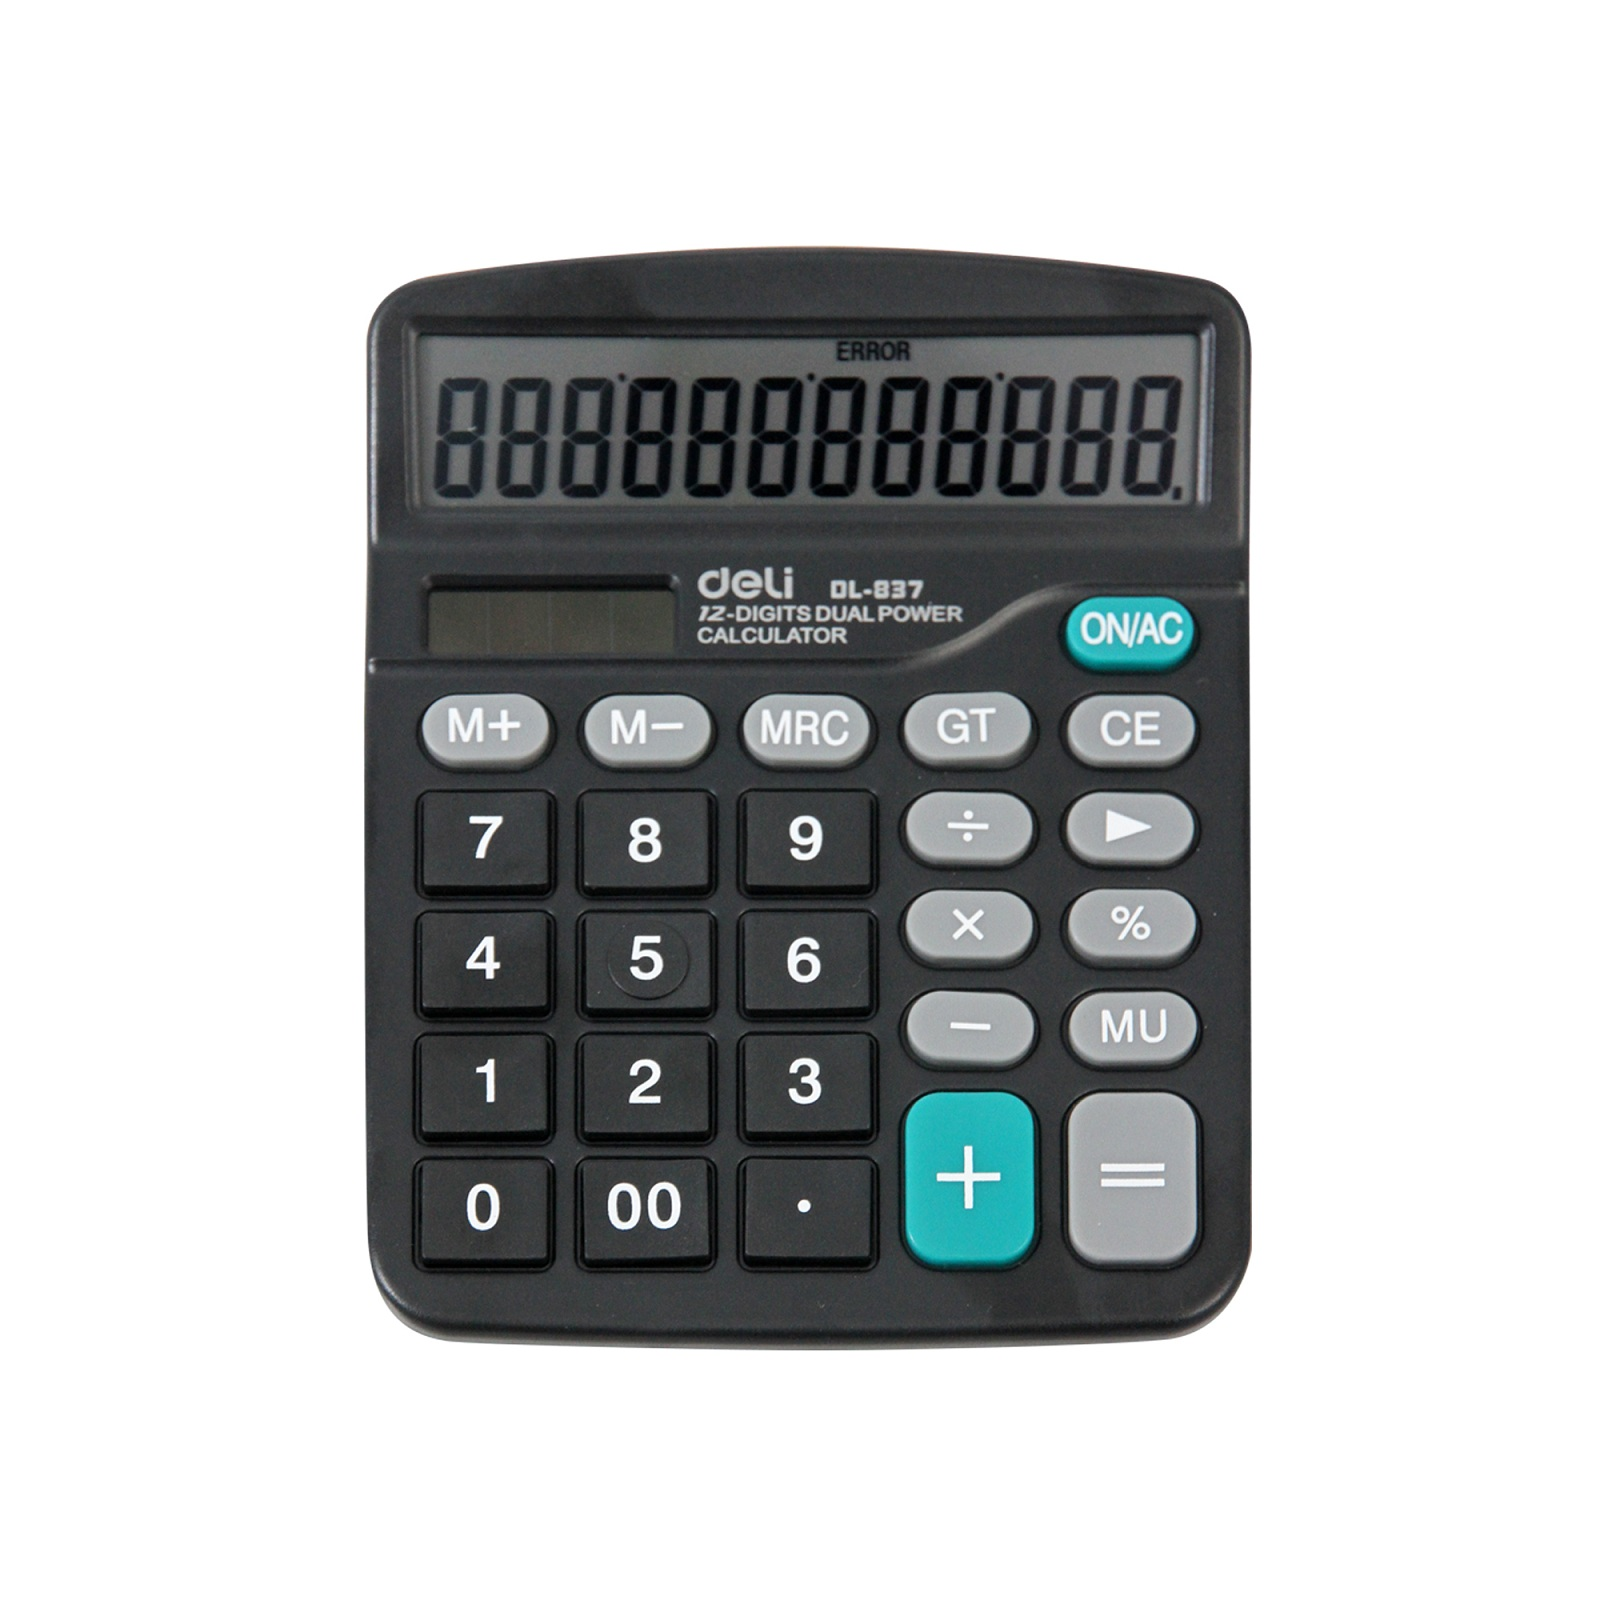 新品(deli)得力837太阳能计算器 大屏大按键计算器 办公用品